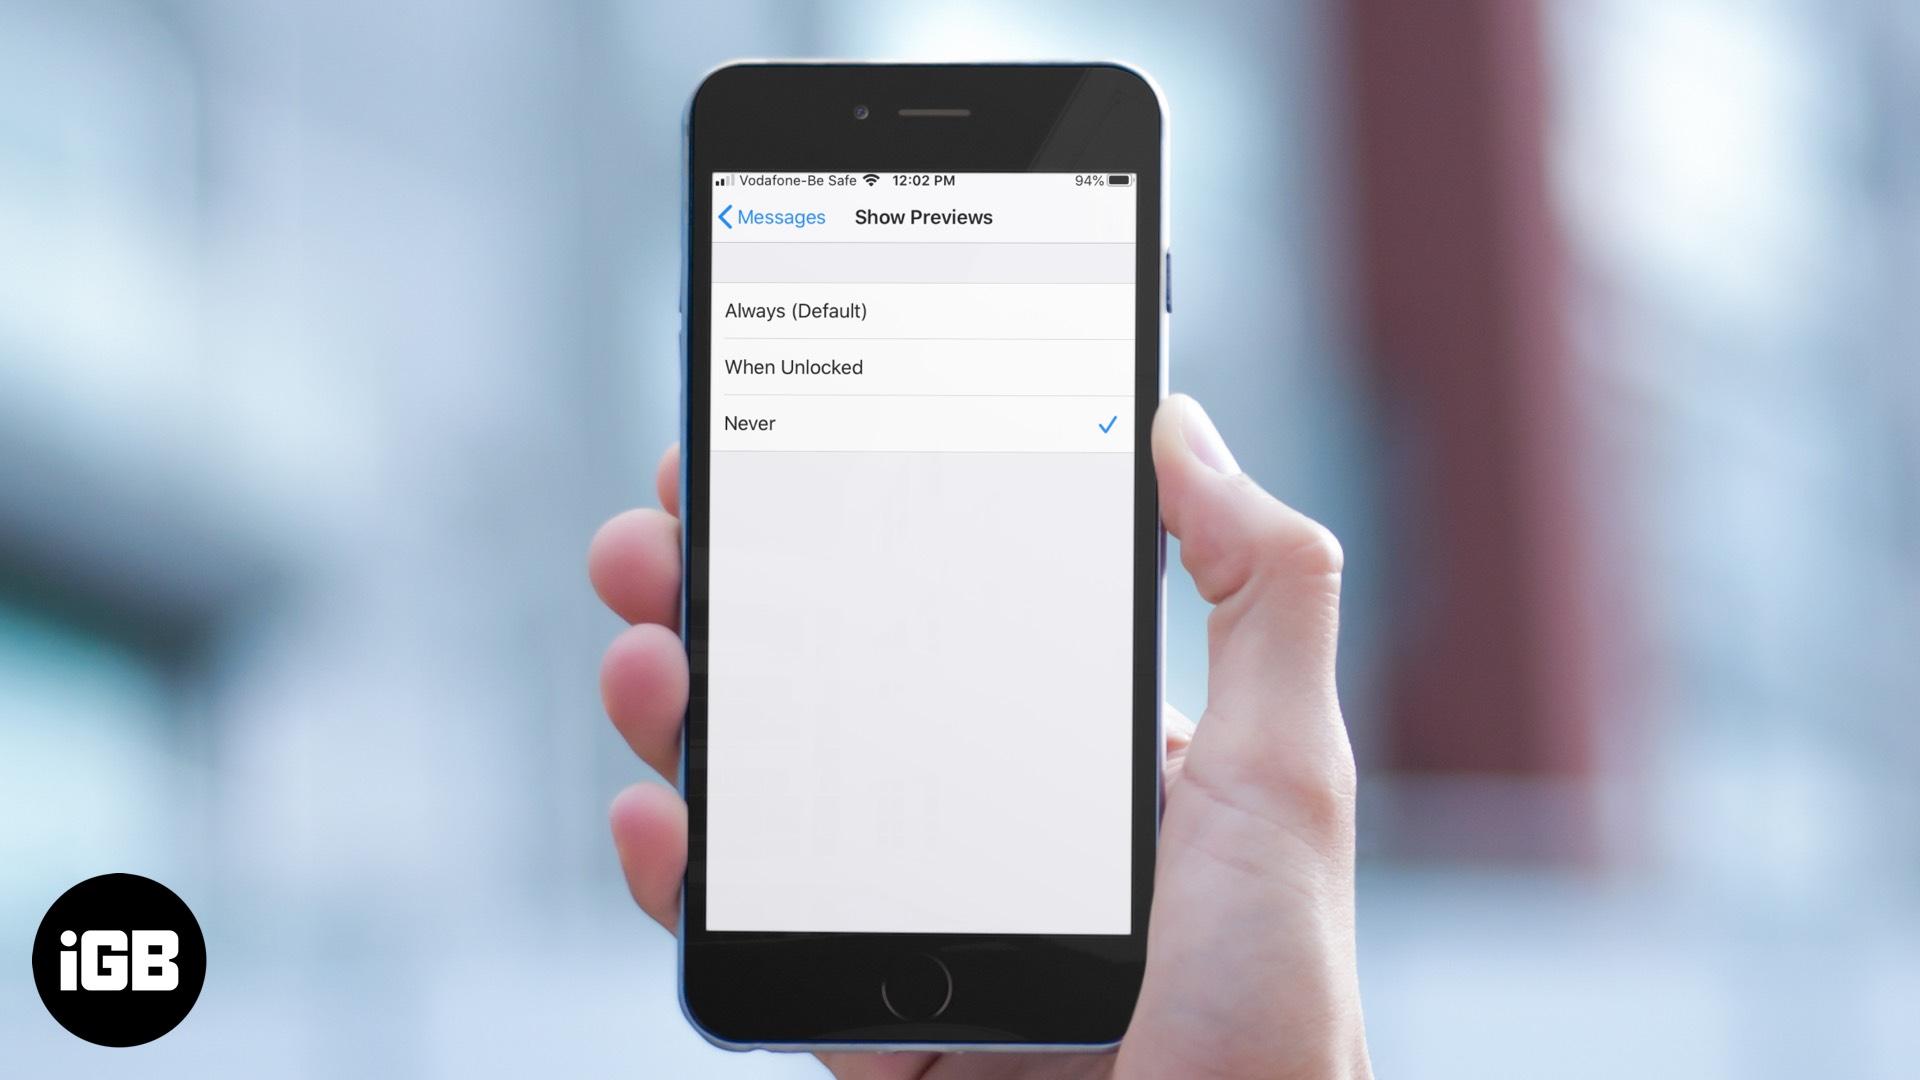 Kuinka poistaa viestin ja sähköpostin esikatselu käytöstä iPhonen lukitusnäytössä